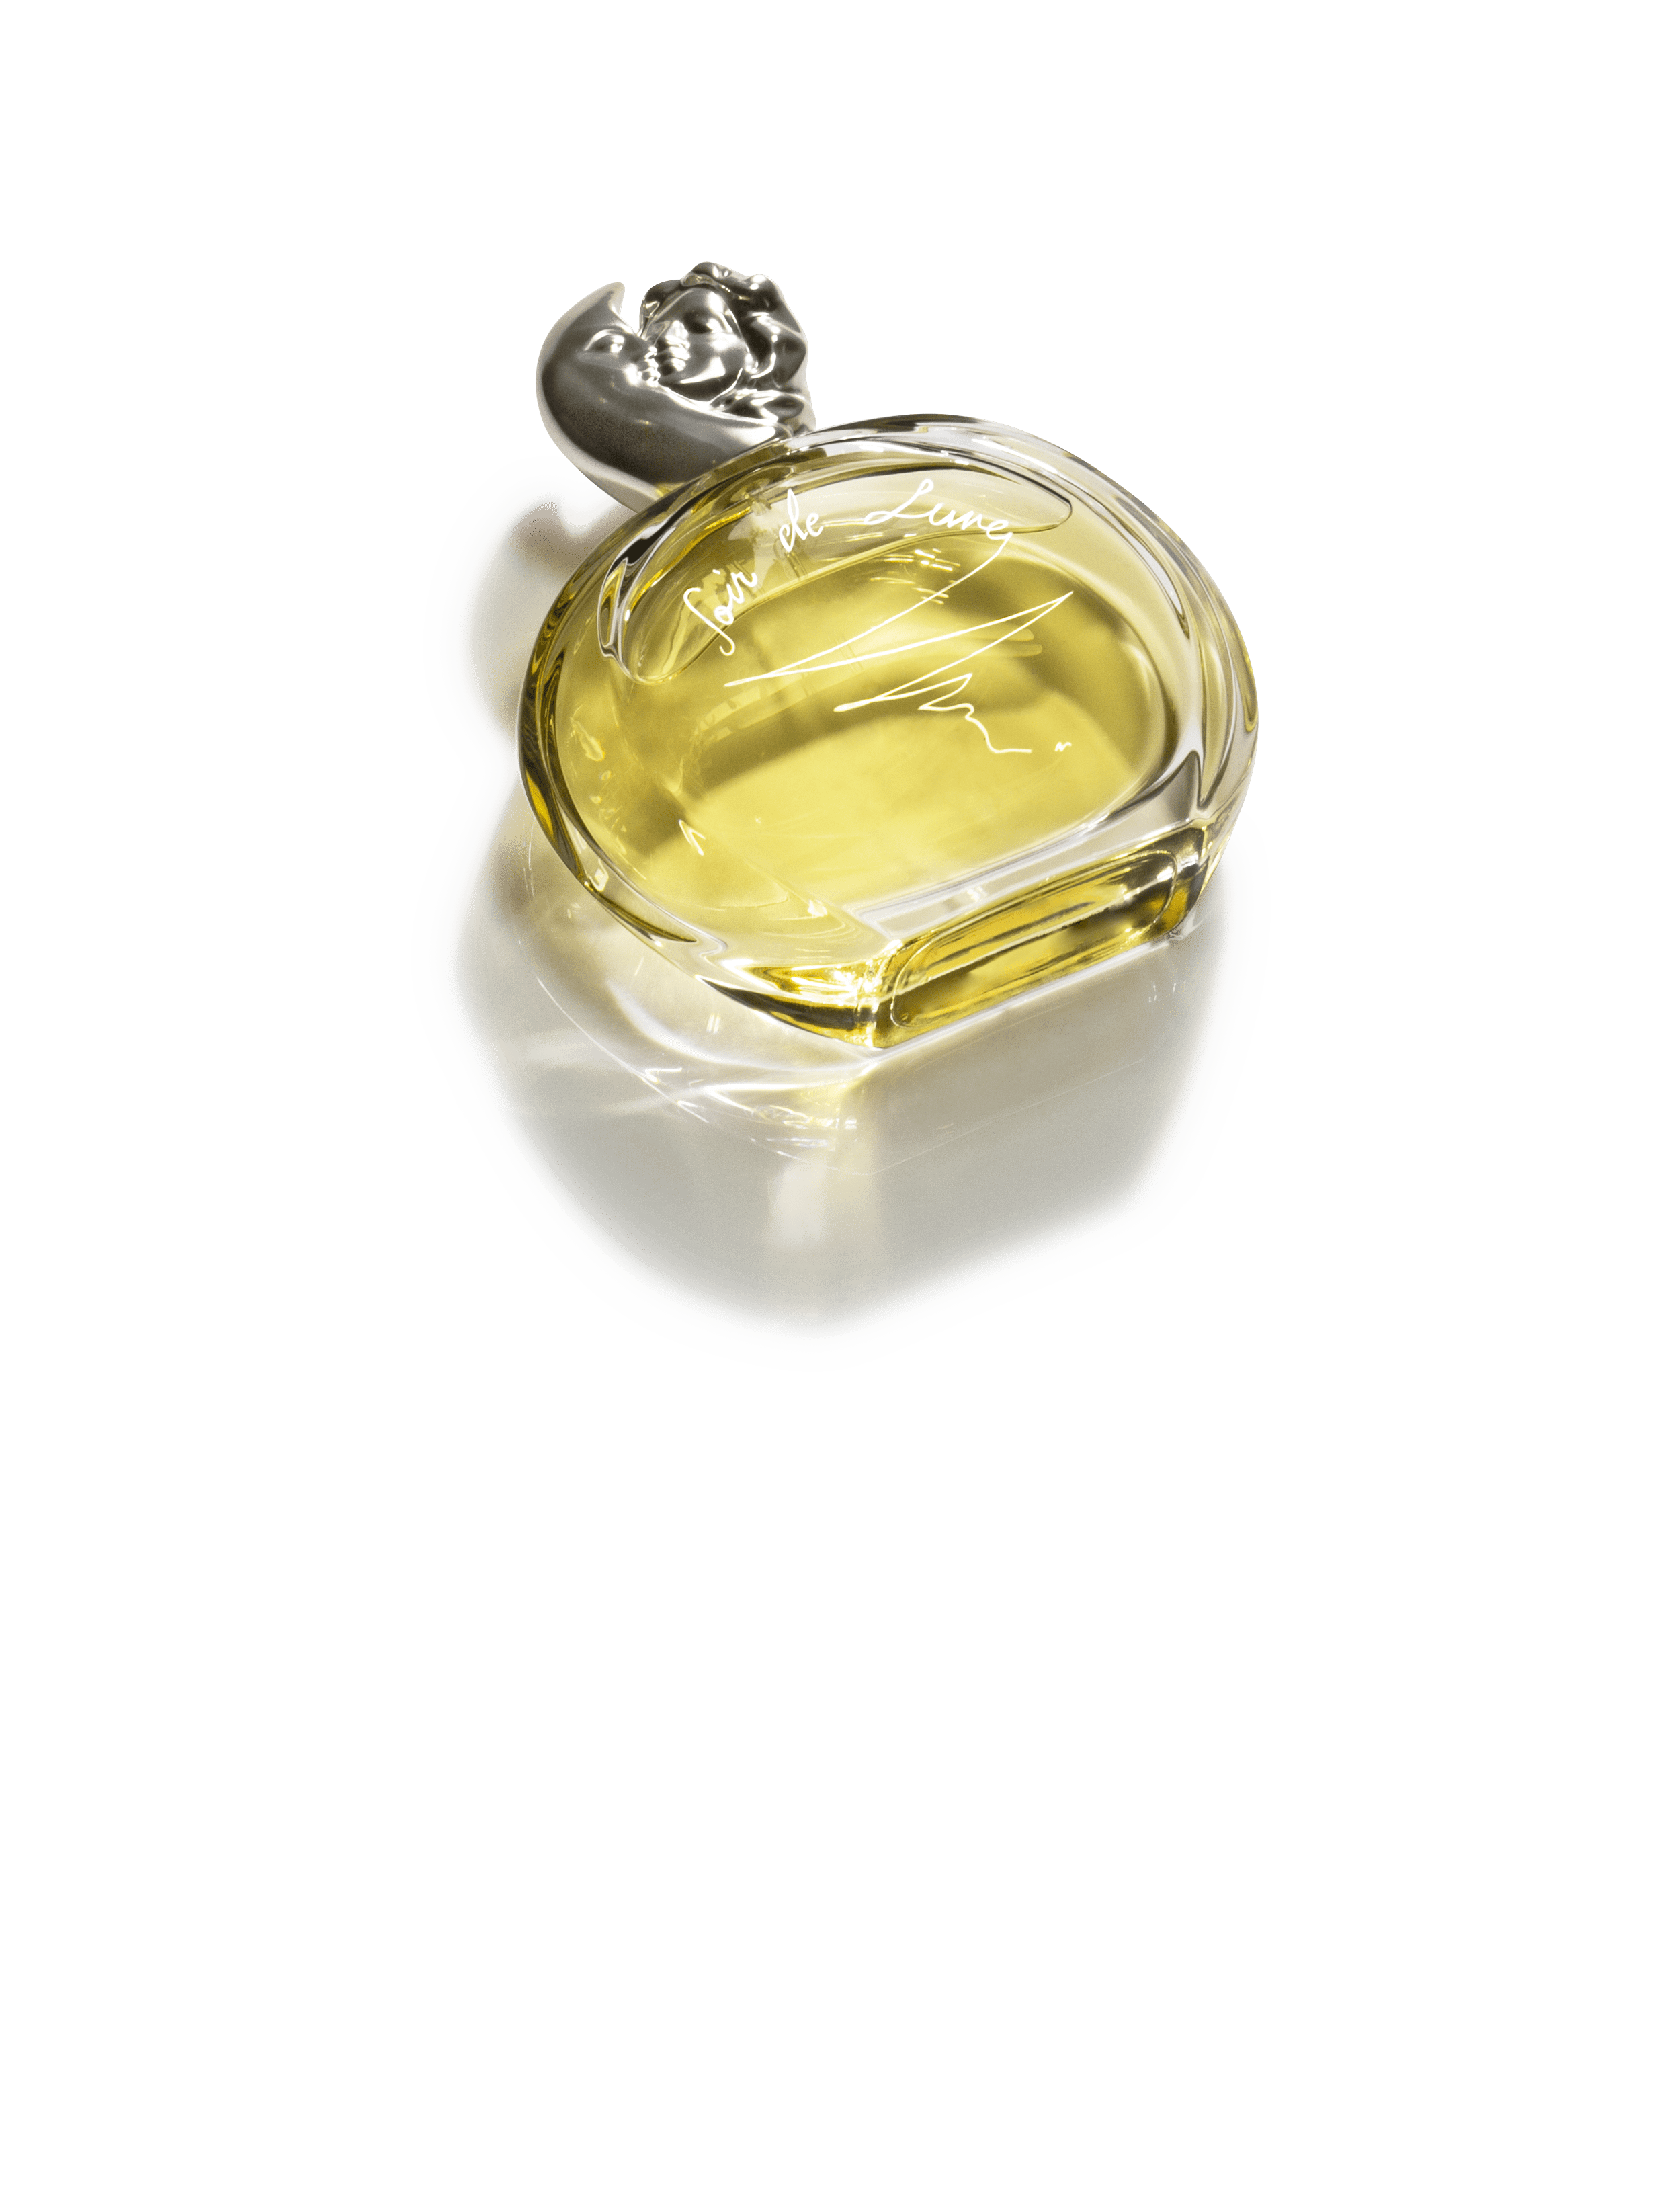 Soir de Lune: Nowoczesny i romantyczny kwiatowo-szyprowy zapach